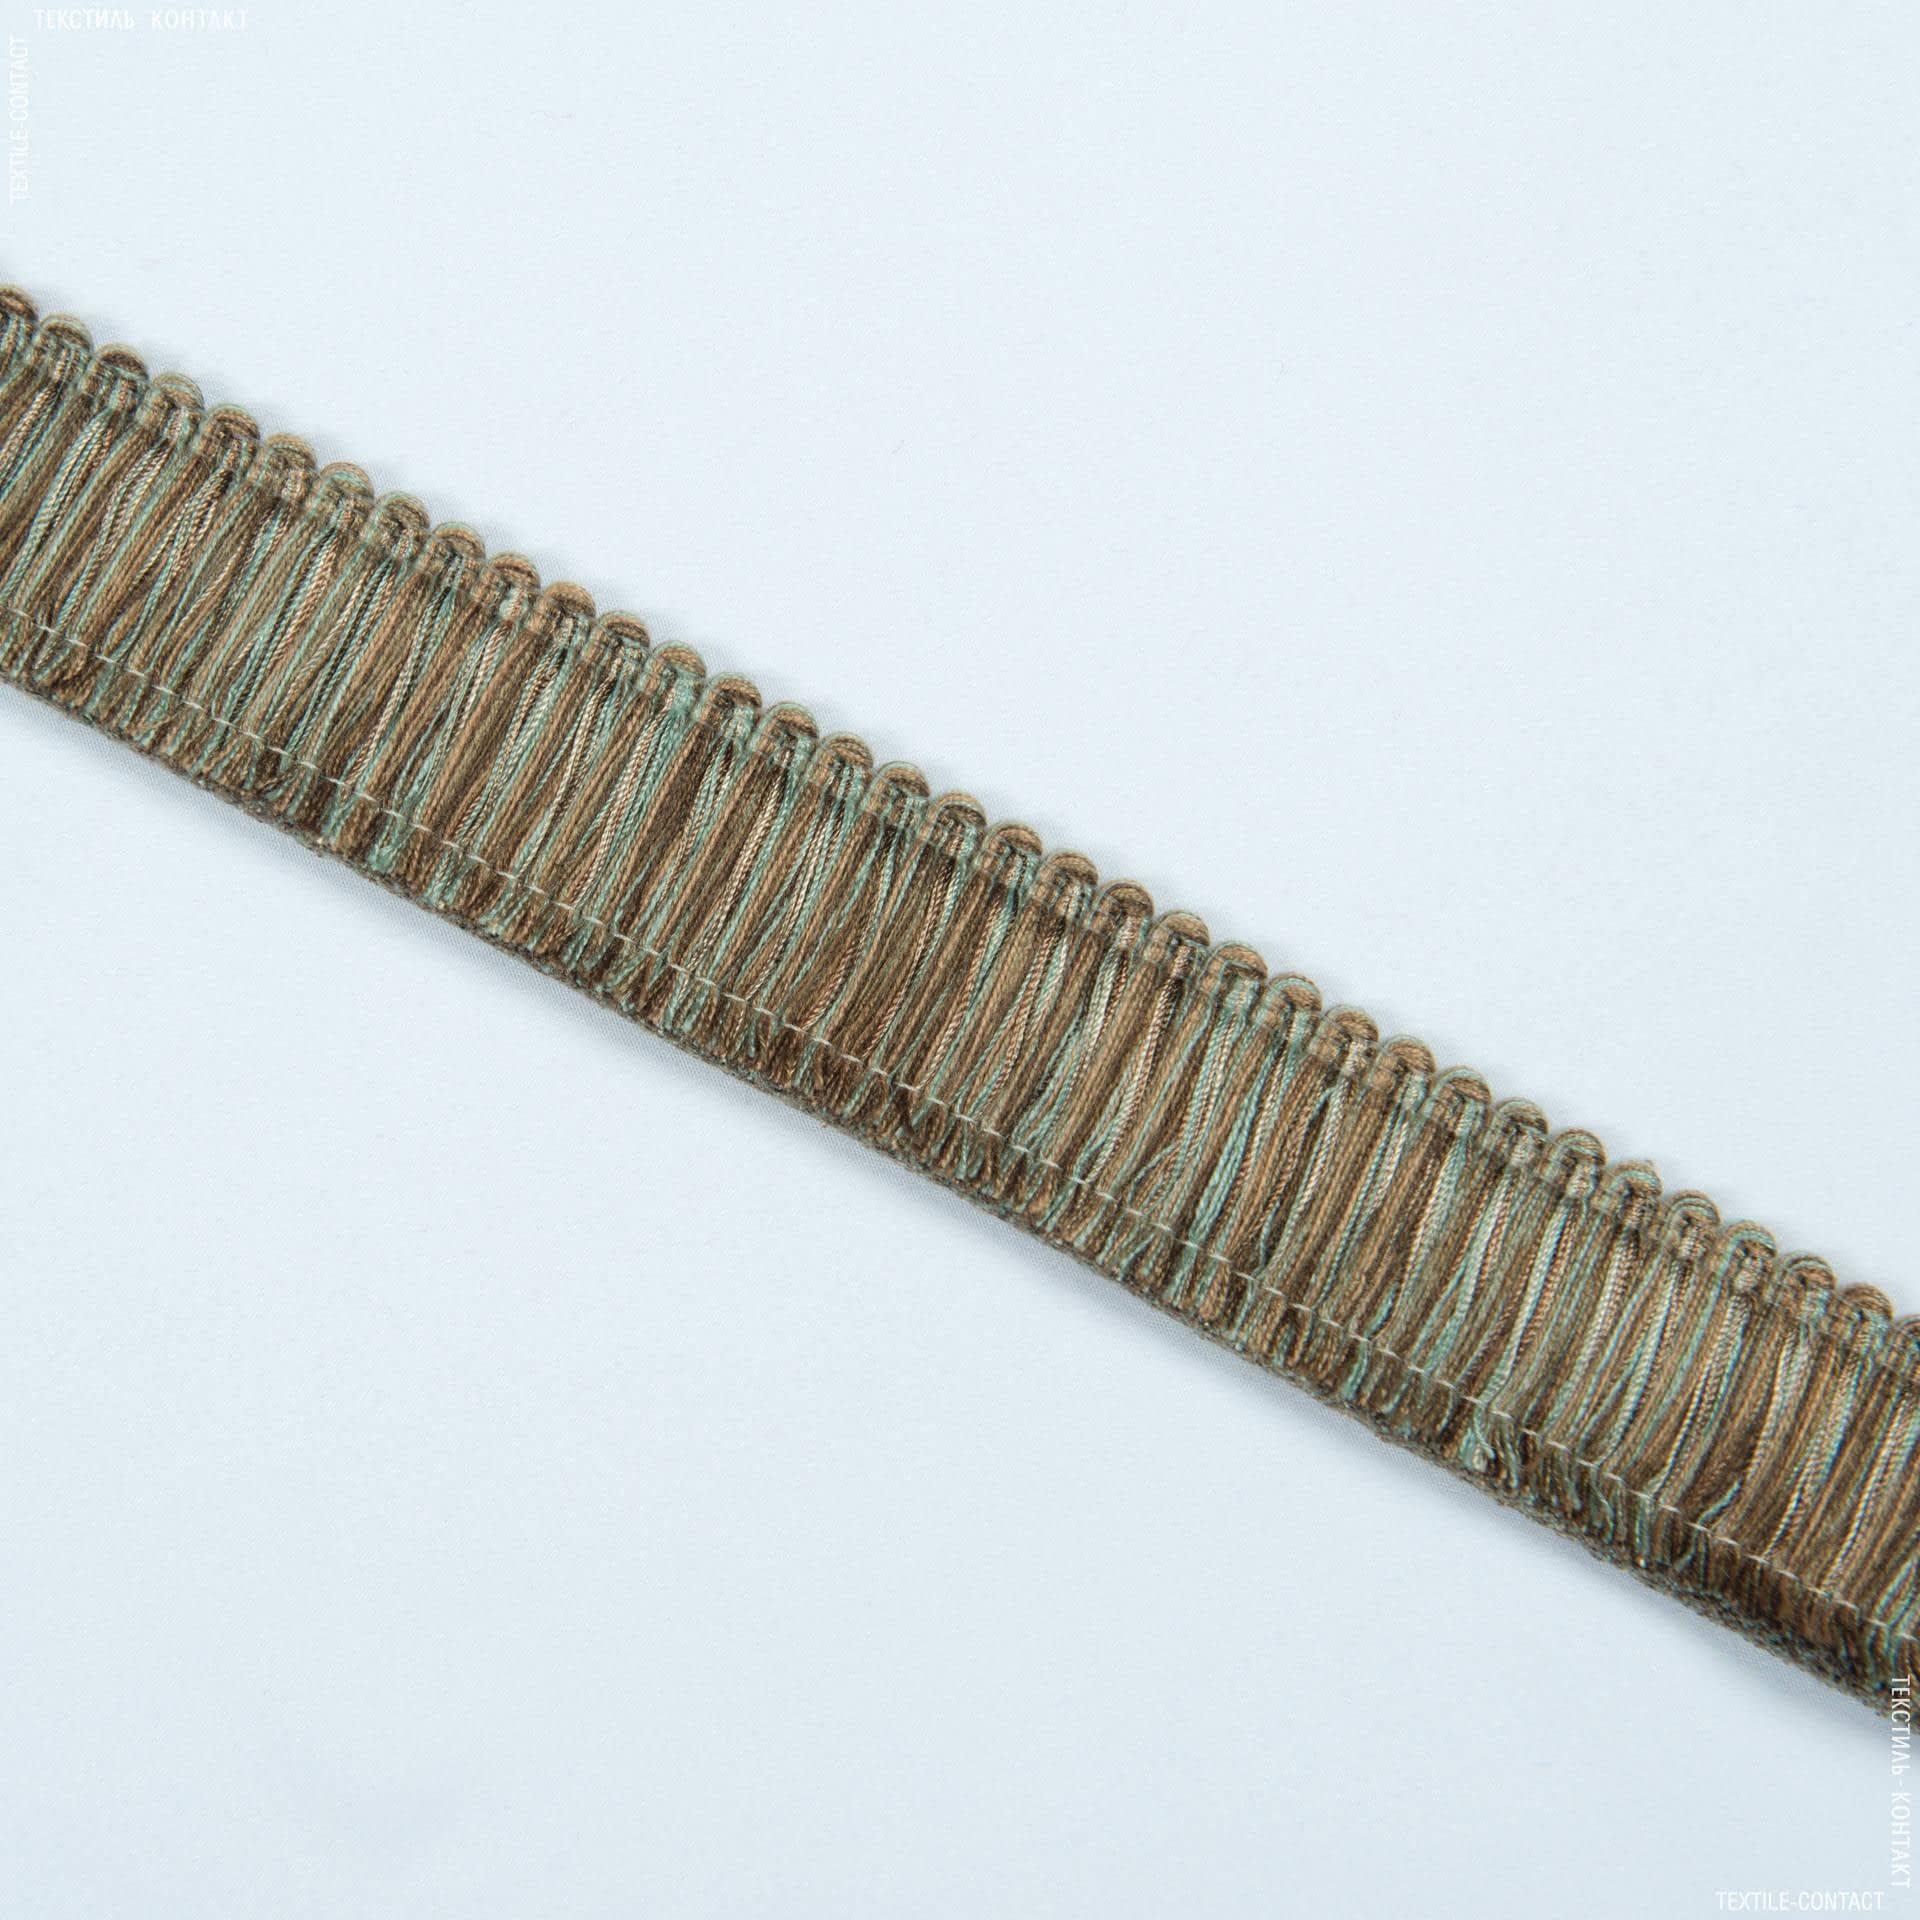 Тканини фурнітура для декора - Бахрома імеджен щітка коричневий-бірюза